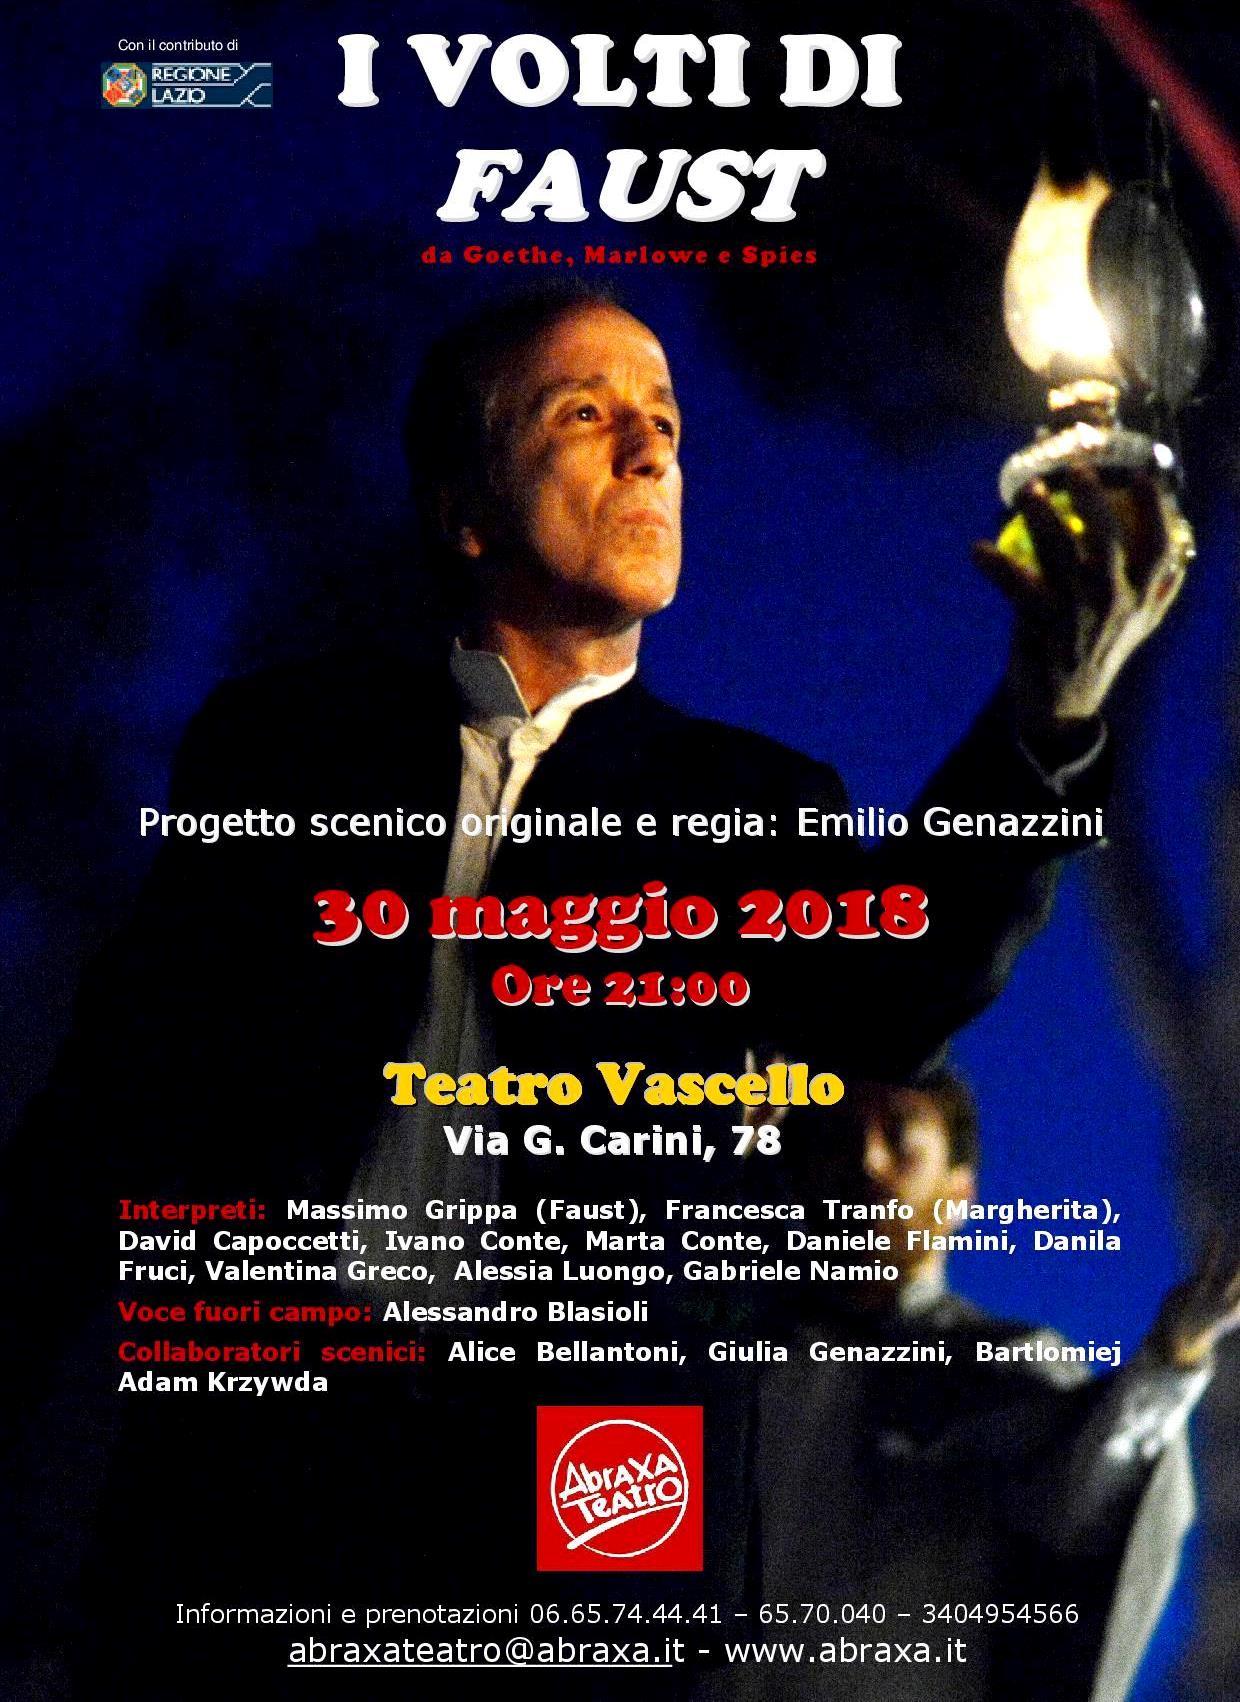 locandina_teatrovascello-1